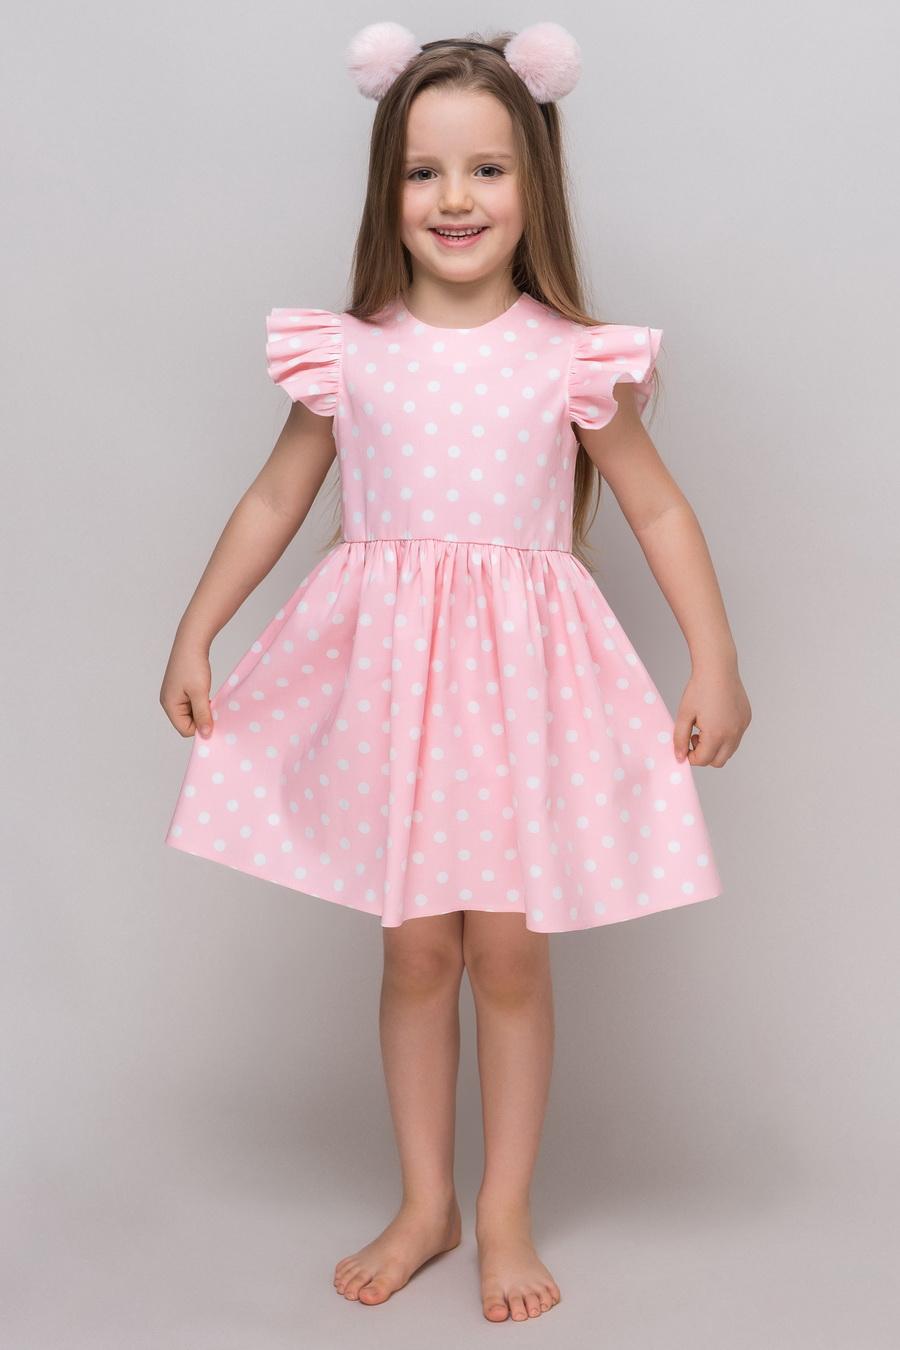 e95acb6c340c7b1 Летнее платье KP-6 для девочки купить оптом в интернет-магазине ...